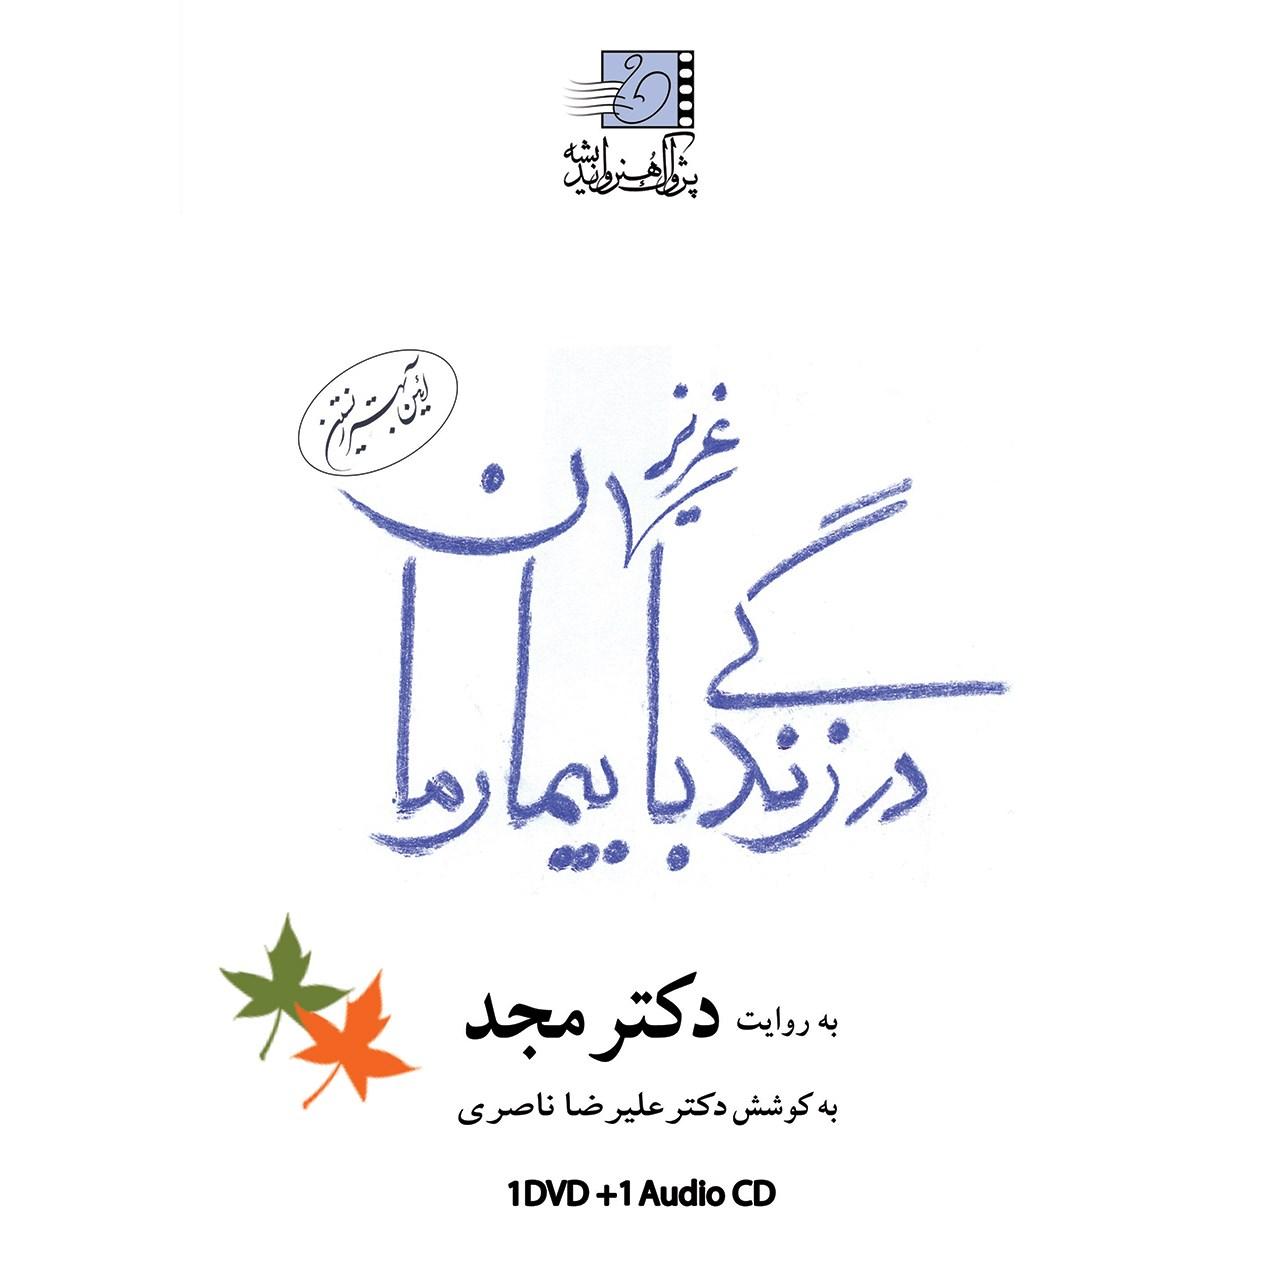 فیلم آموزشی در زندگی با عزیز بیمارمان  اثر محمد مجد